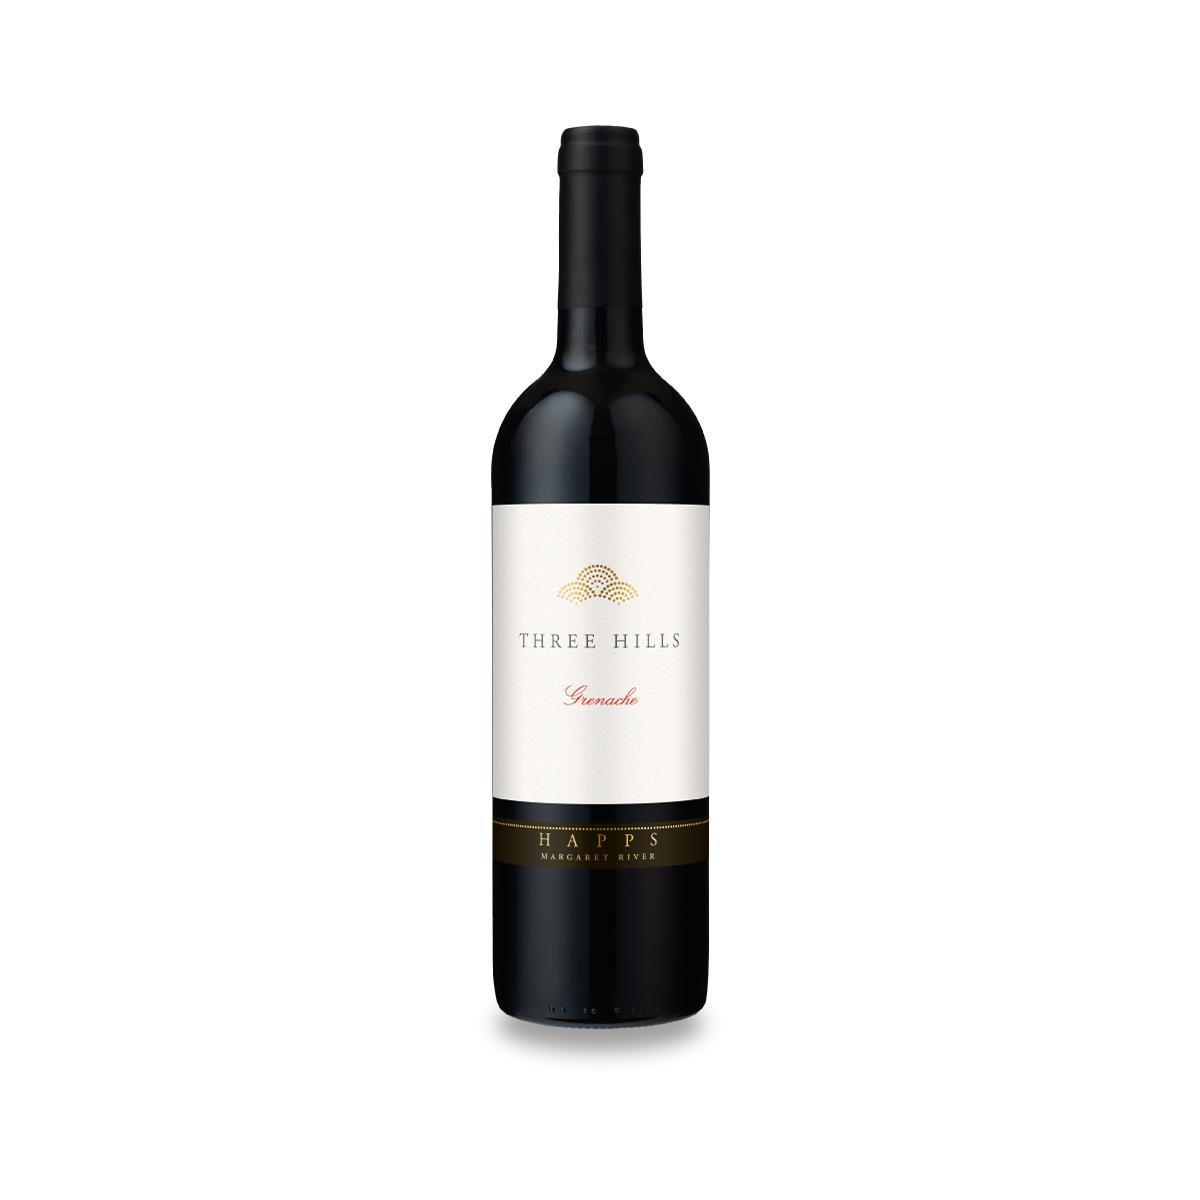 愛葡三丘嶺查爾斯·榮耀干紅葡萄酒-3